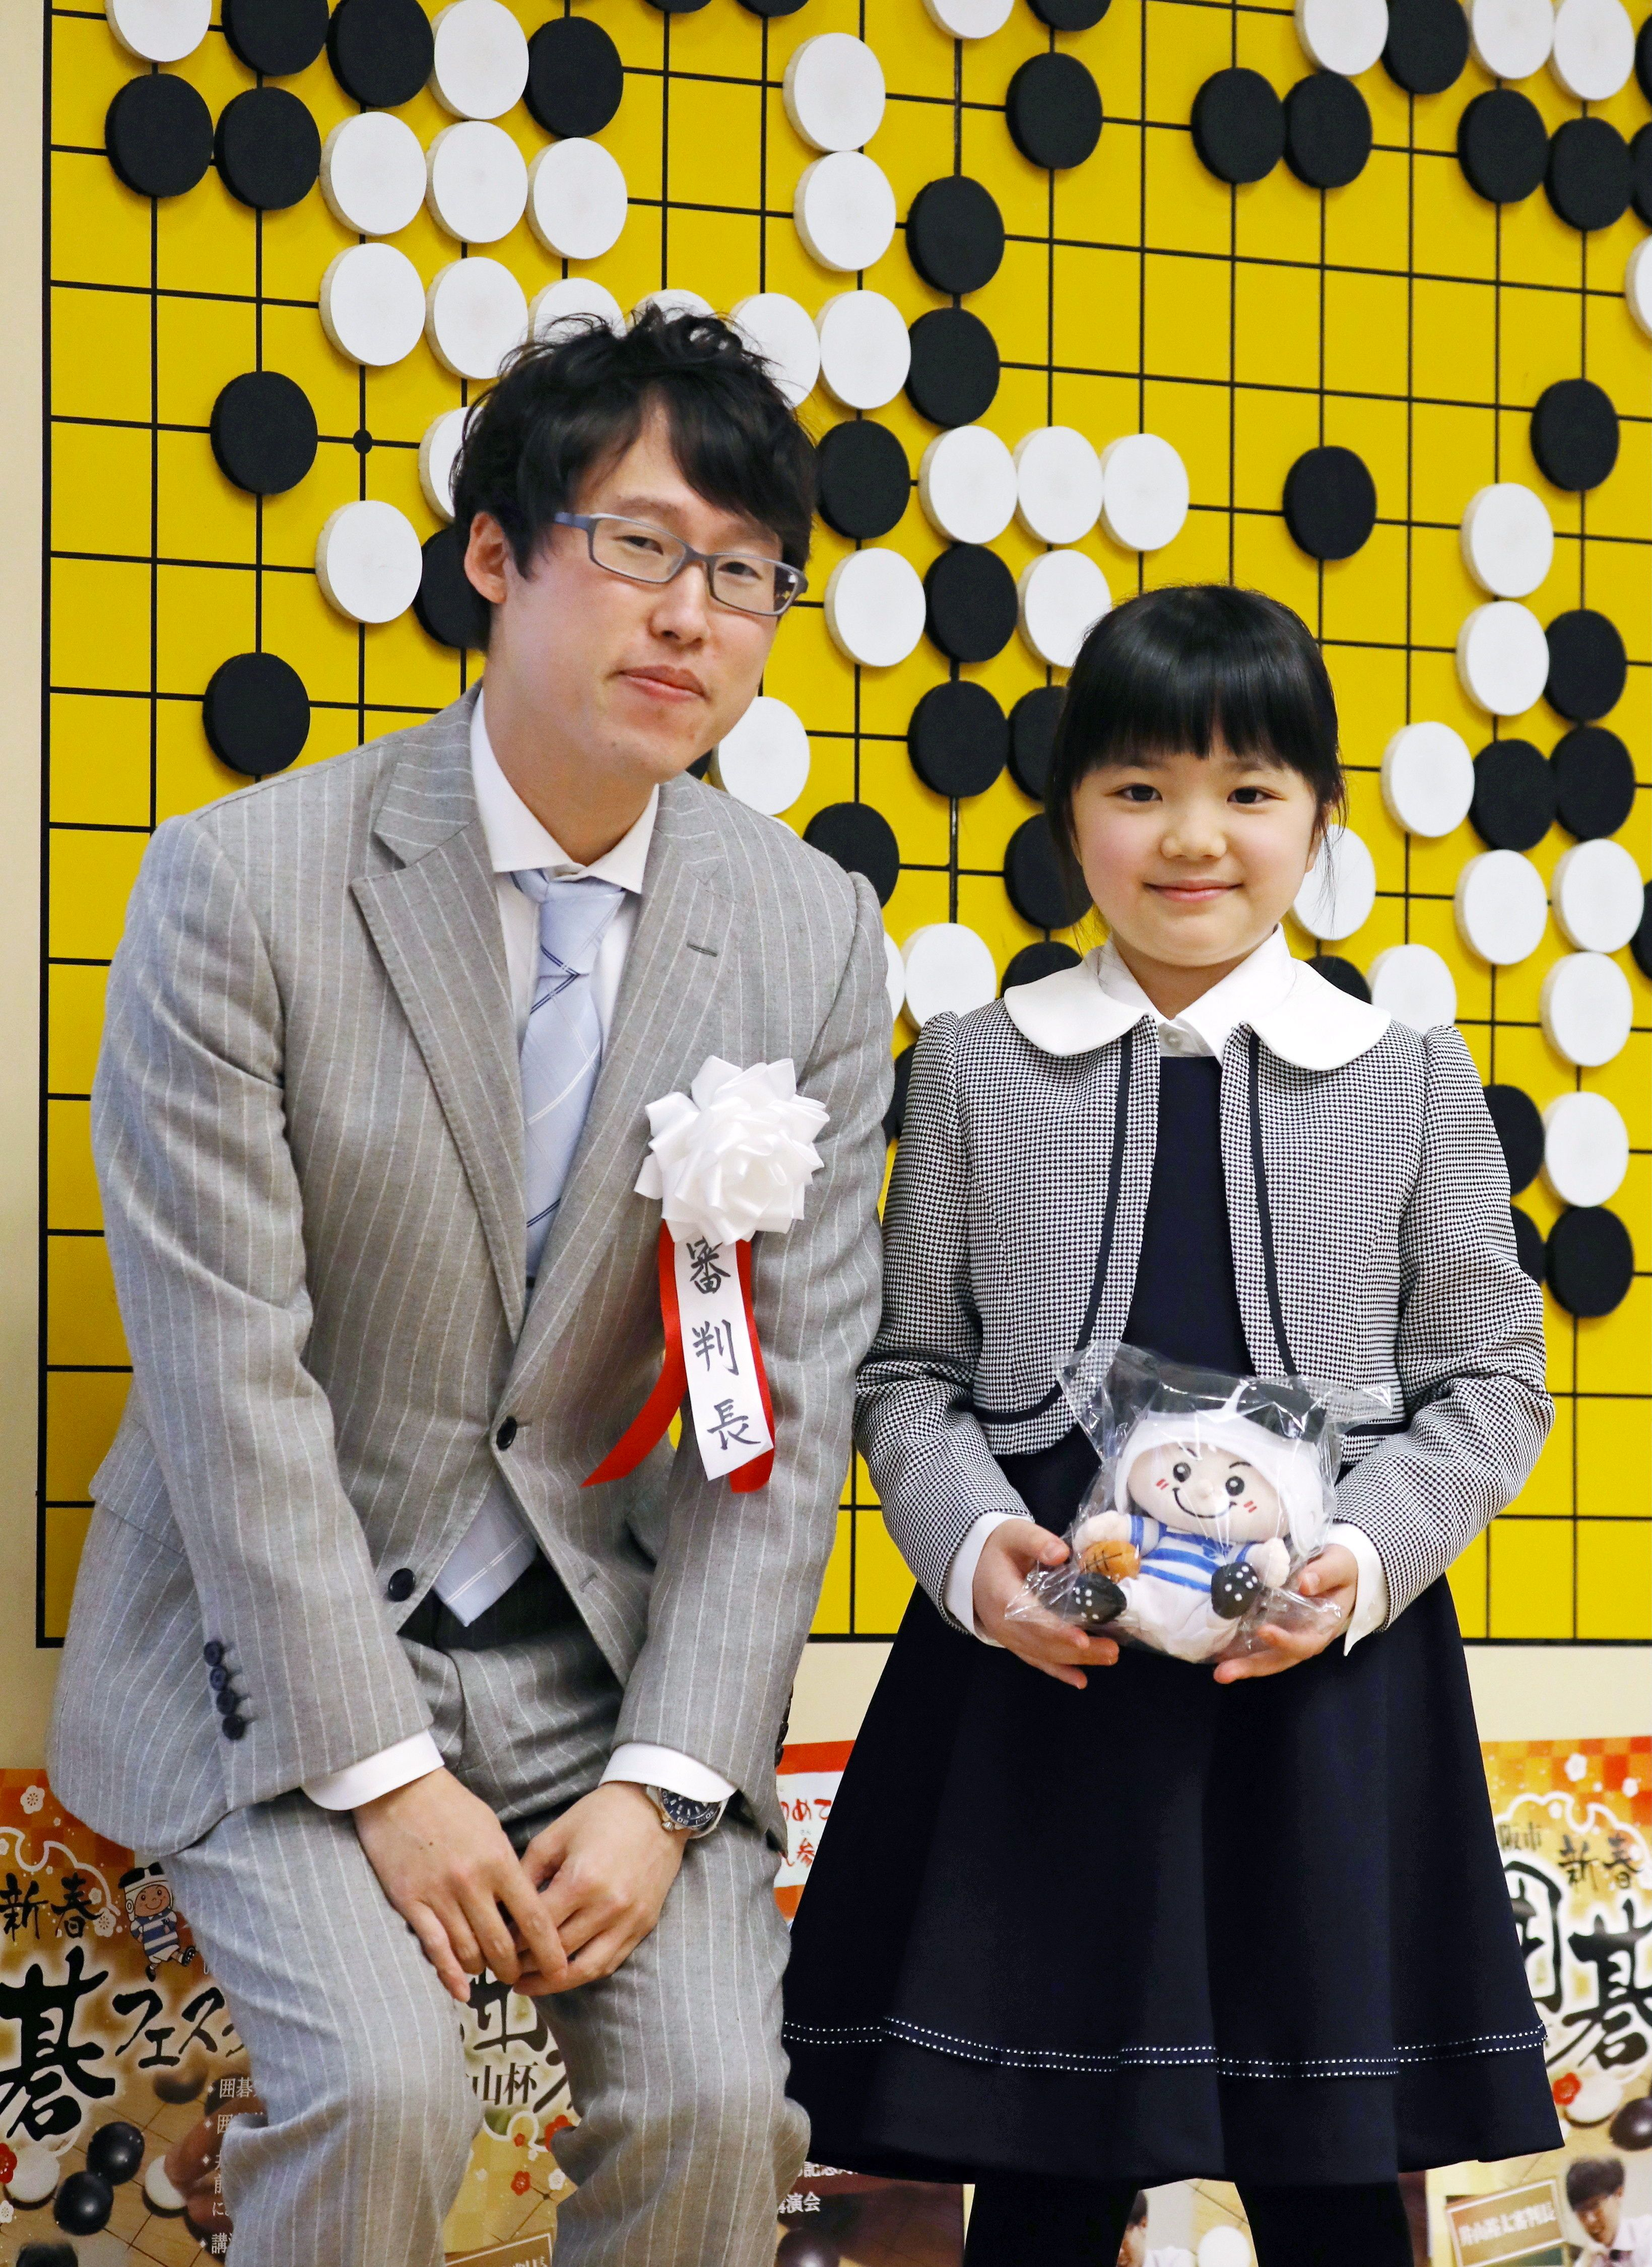 일본 최연소 프로 바둑 기사가 된 10살